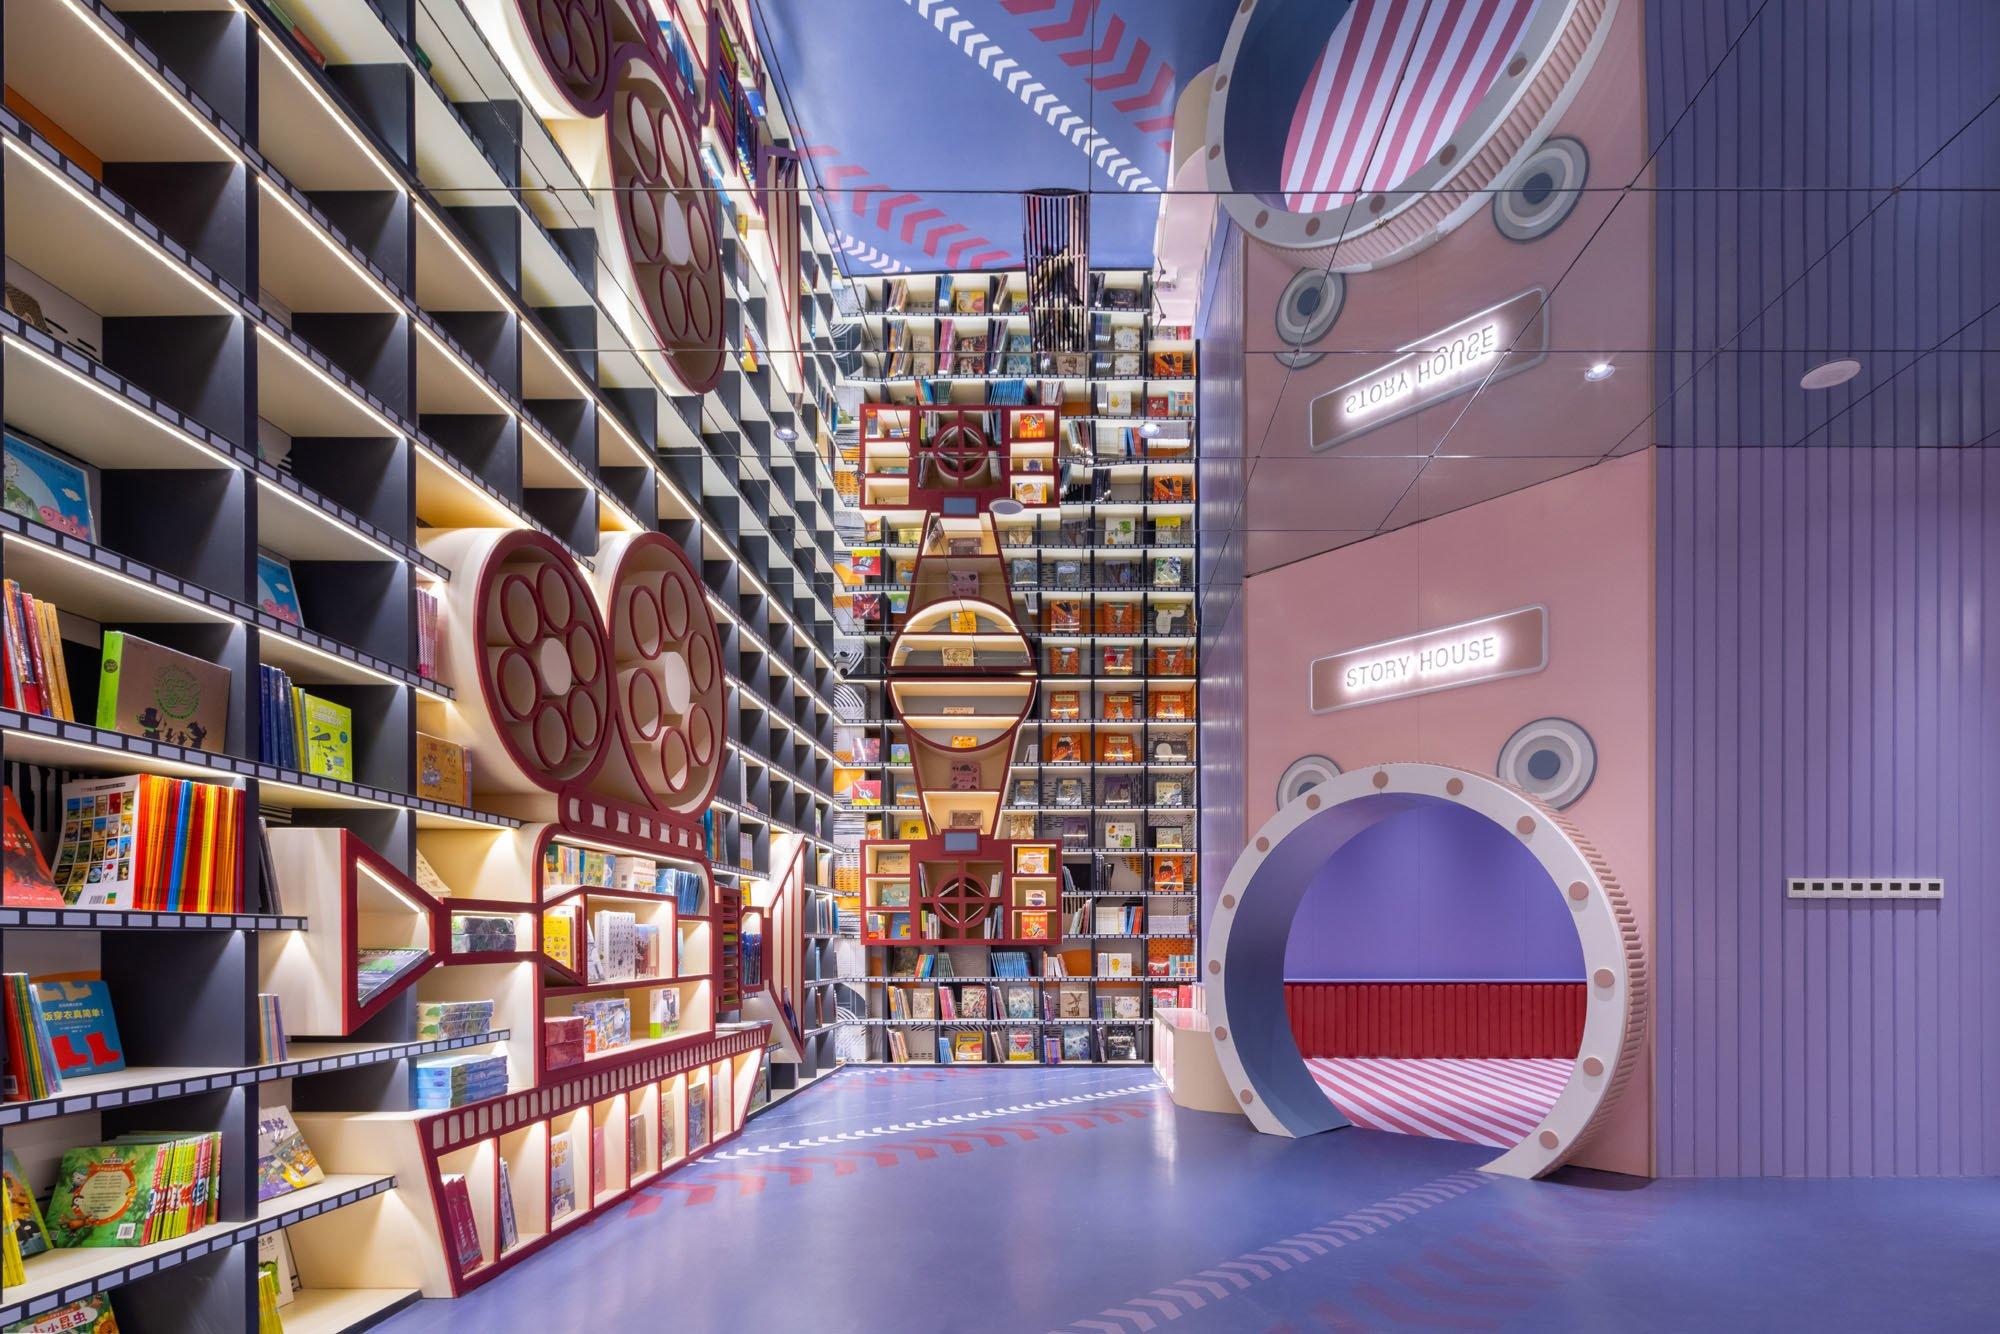 """Auf dem hellblauen Turnhallenfußboden der Kinderspielecke weisen die grafischen Markierungen einer Filmklappe in ein separates Spielzimmer mit der Aufschrift """"Story House""""."""